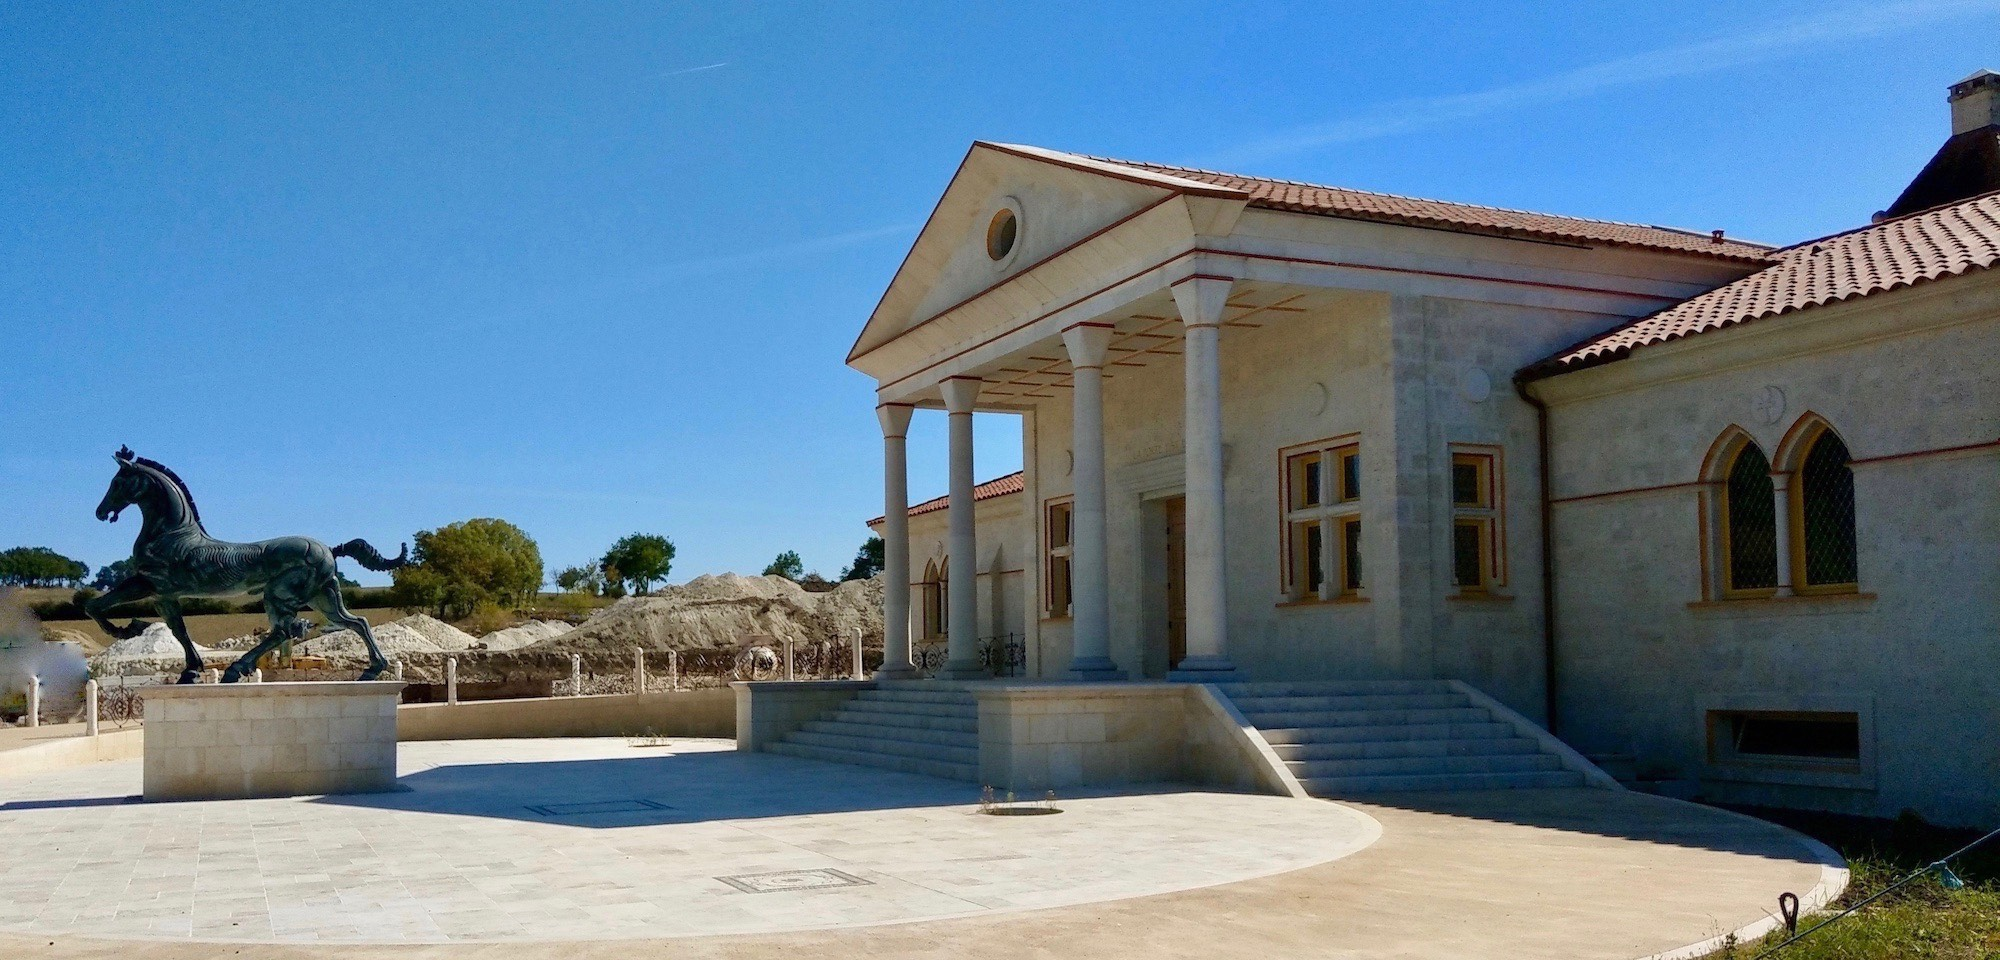 château entrée jeune confort luxe 2000x960 - Gers - Château de Guirauton